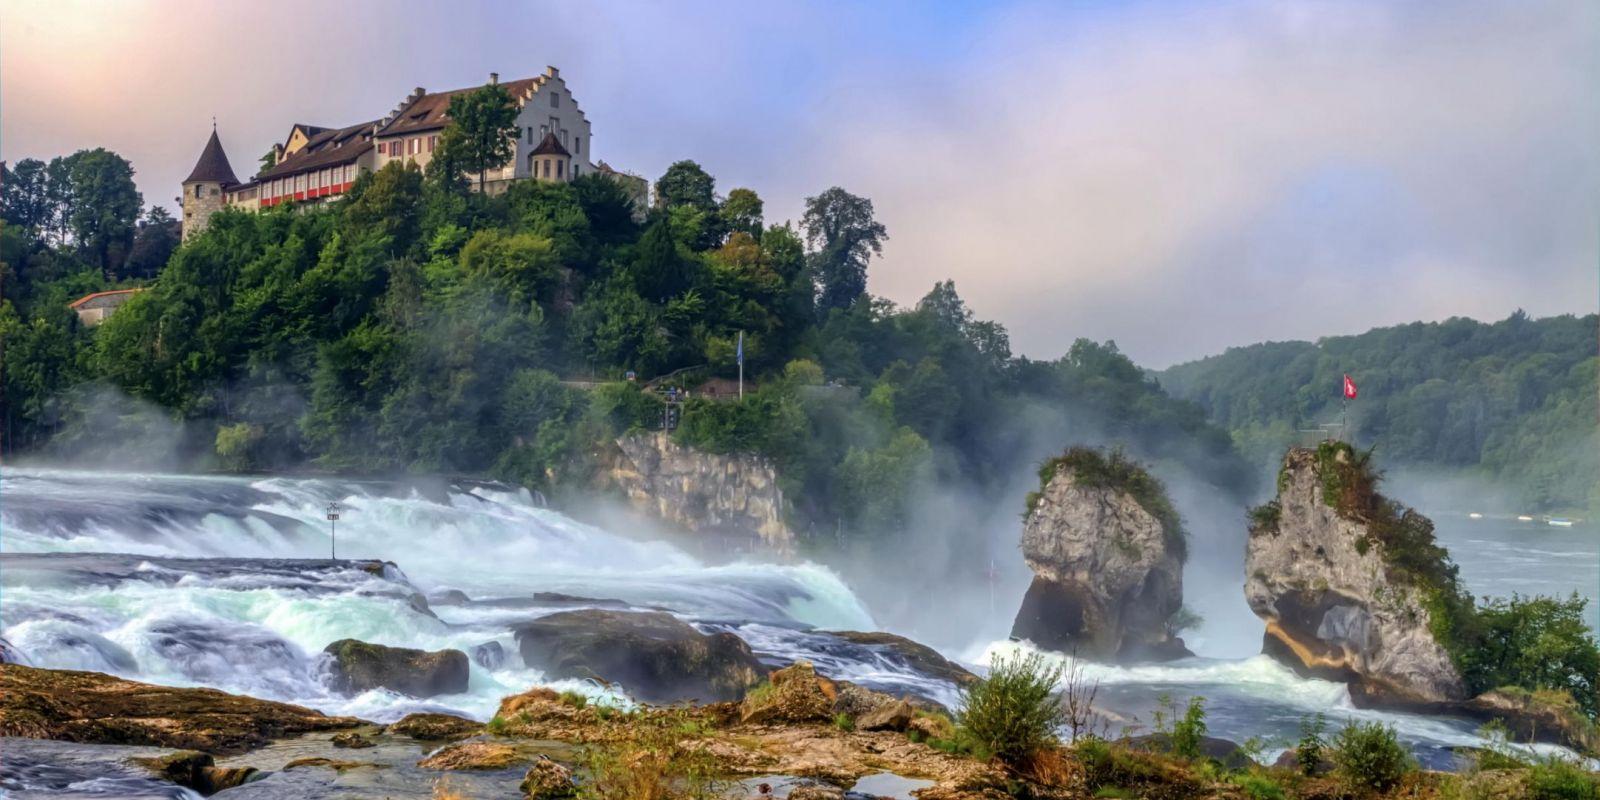 Θέλω μια φωτογραφία... - Σελίδα 20 Filippis-tours_elvetia_005-1600x800